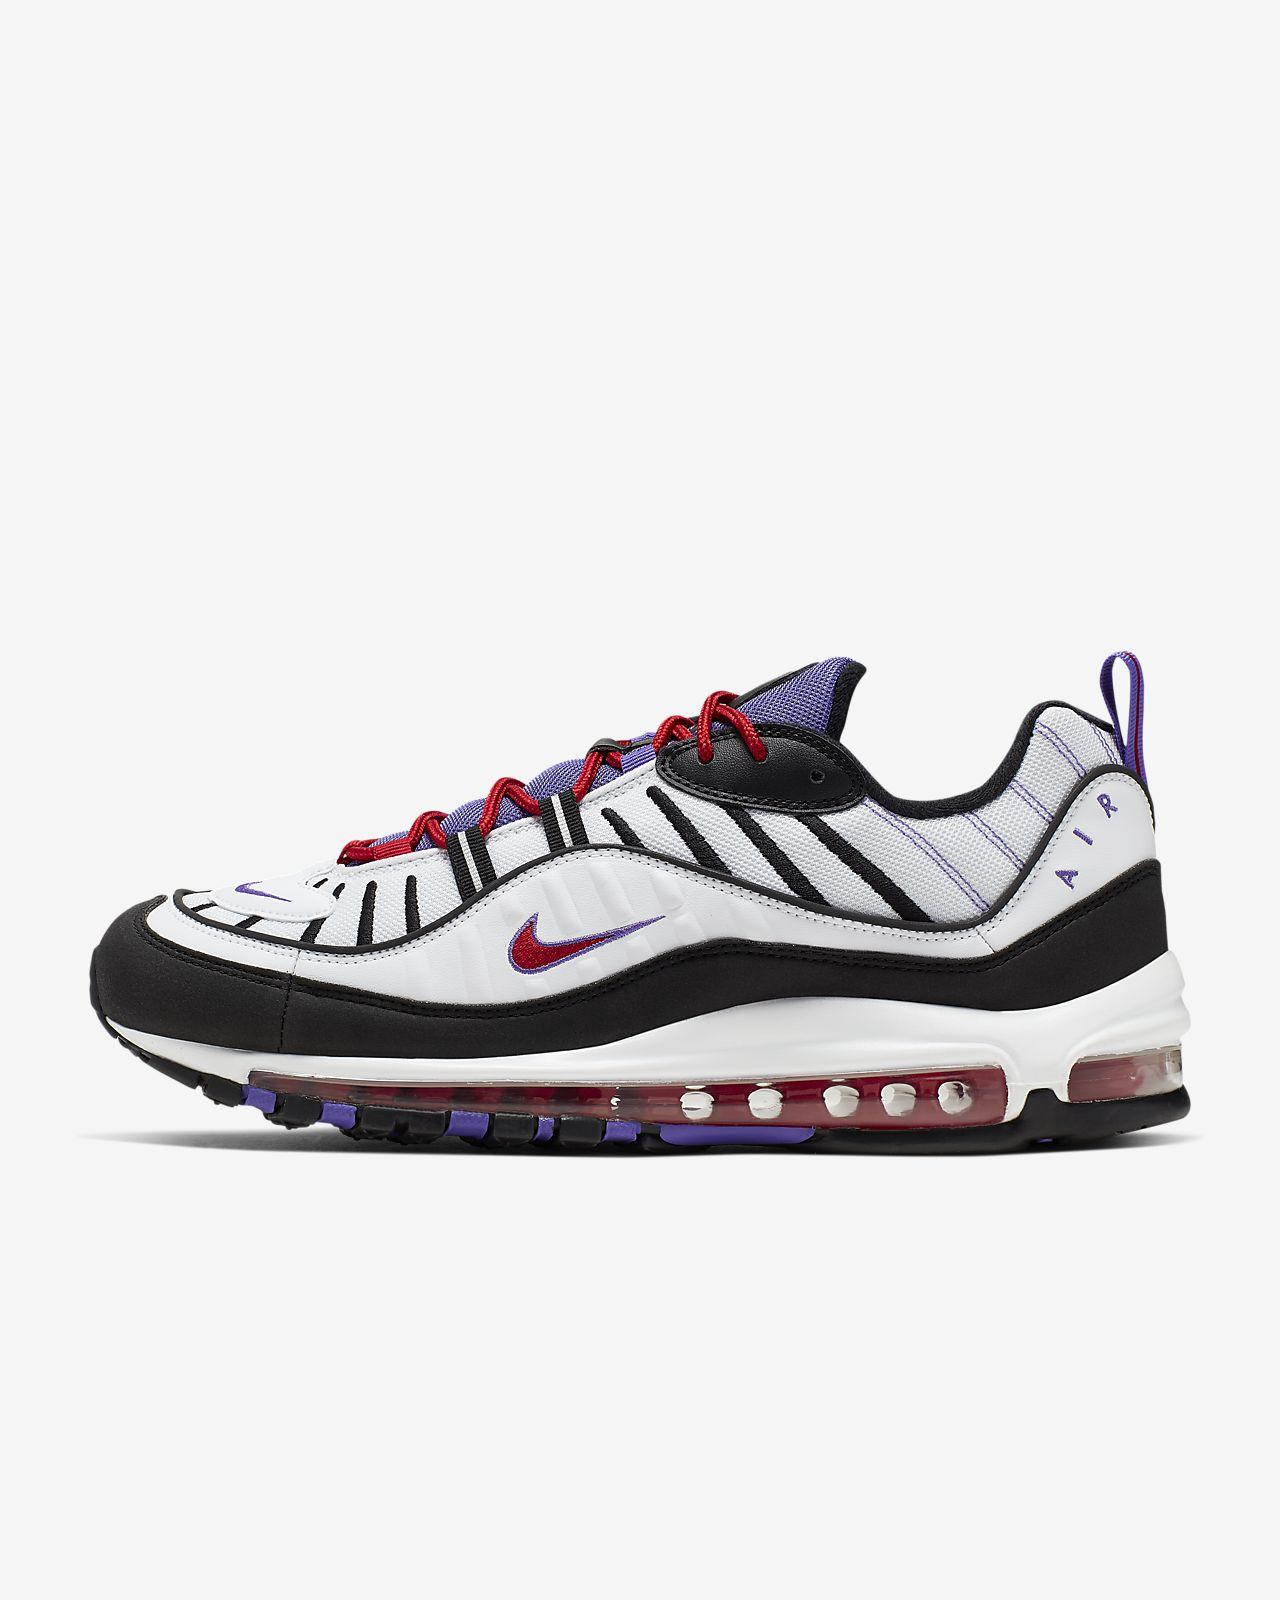 Nike Air Max 98 Herrenschuh